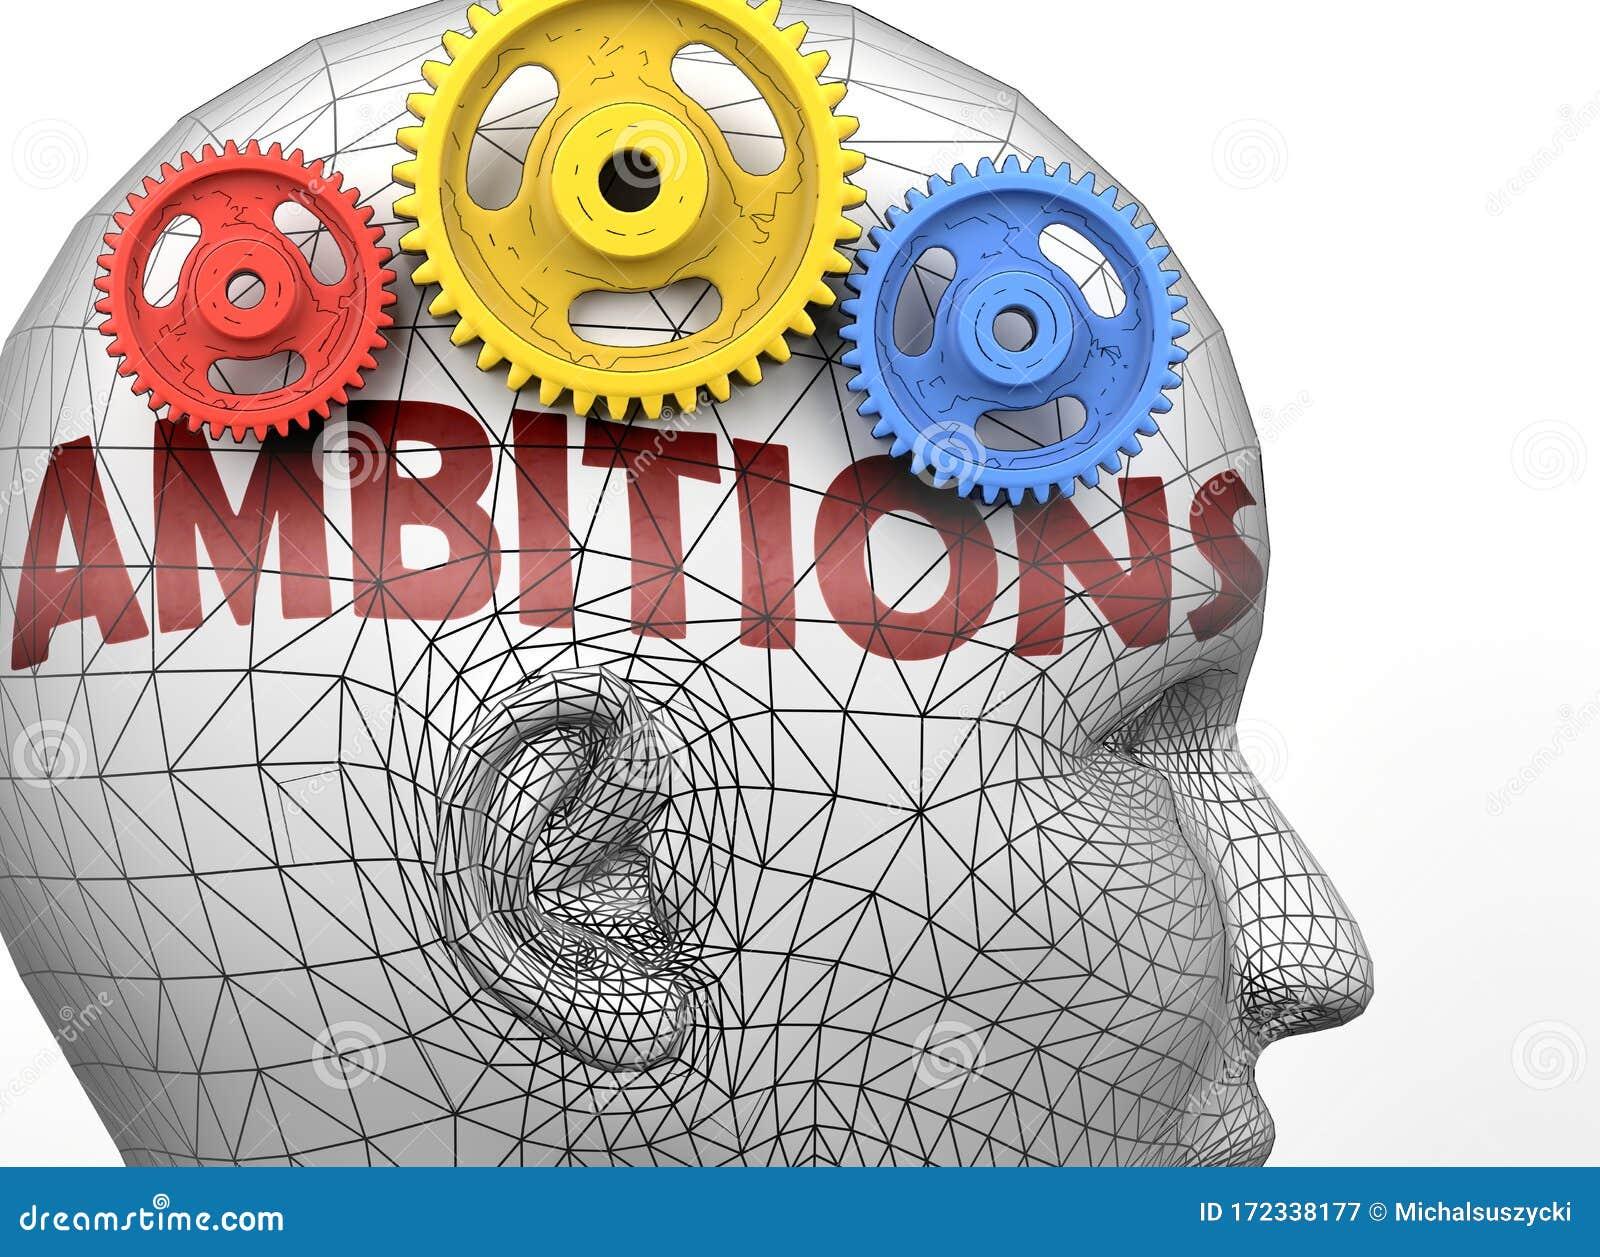 Ehrgeiz Und Menschenverstand  Als Wort Ambitionen Innerhalb Eines ...